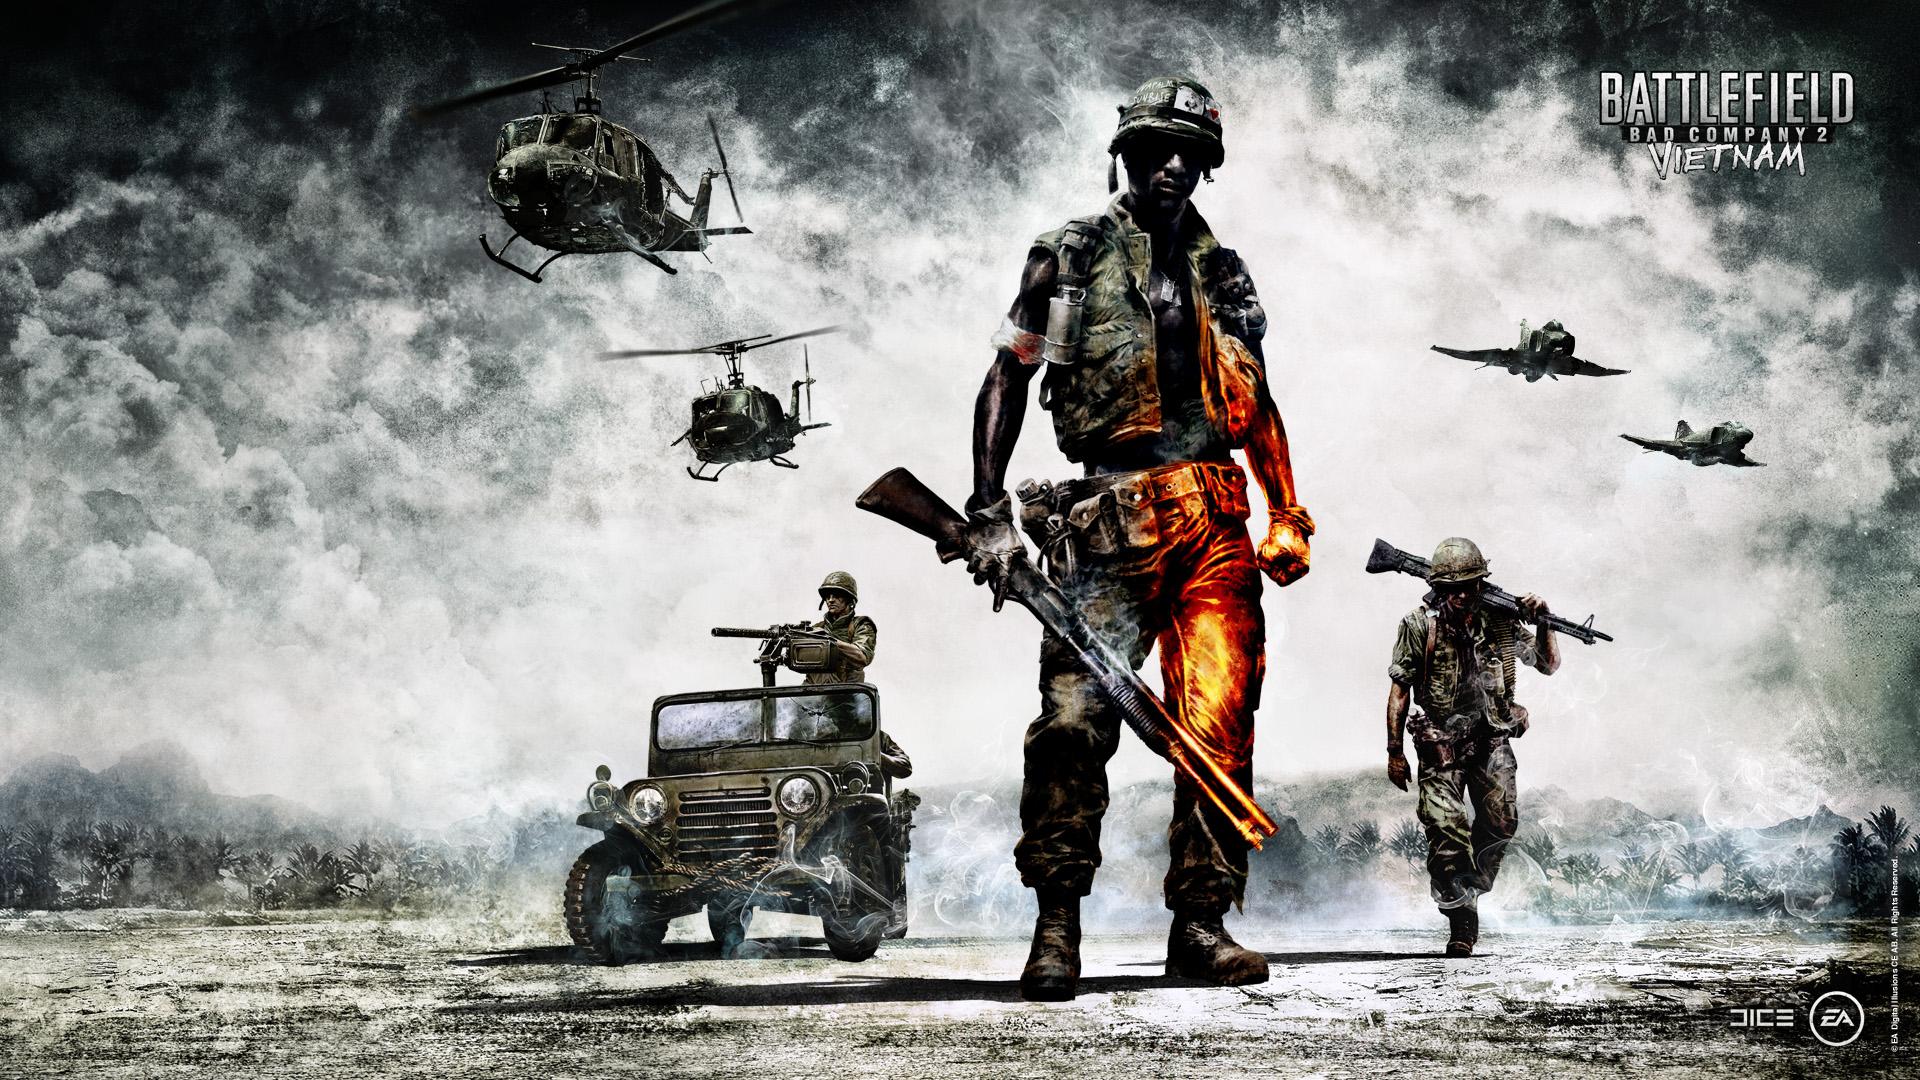 Battlefield Vietnam Wallpaper 1920x1080 Battlefield Vietnam 1920x1080